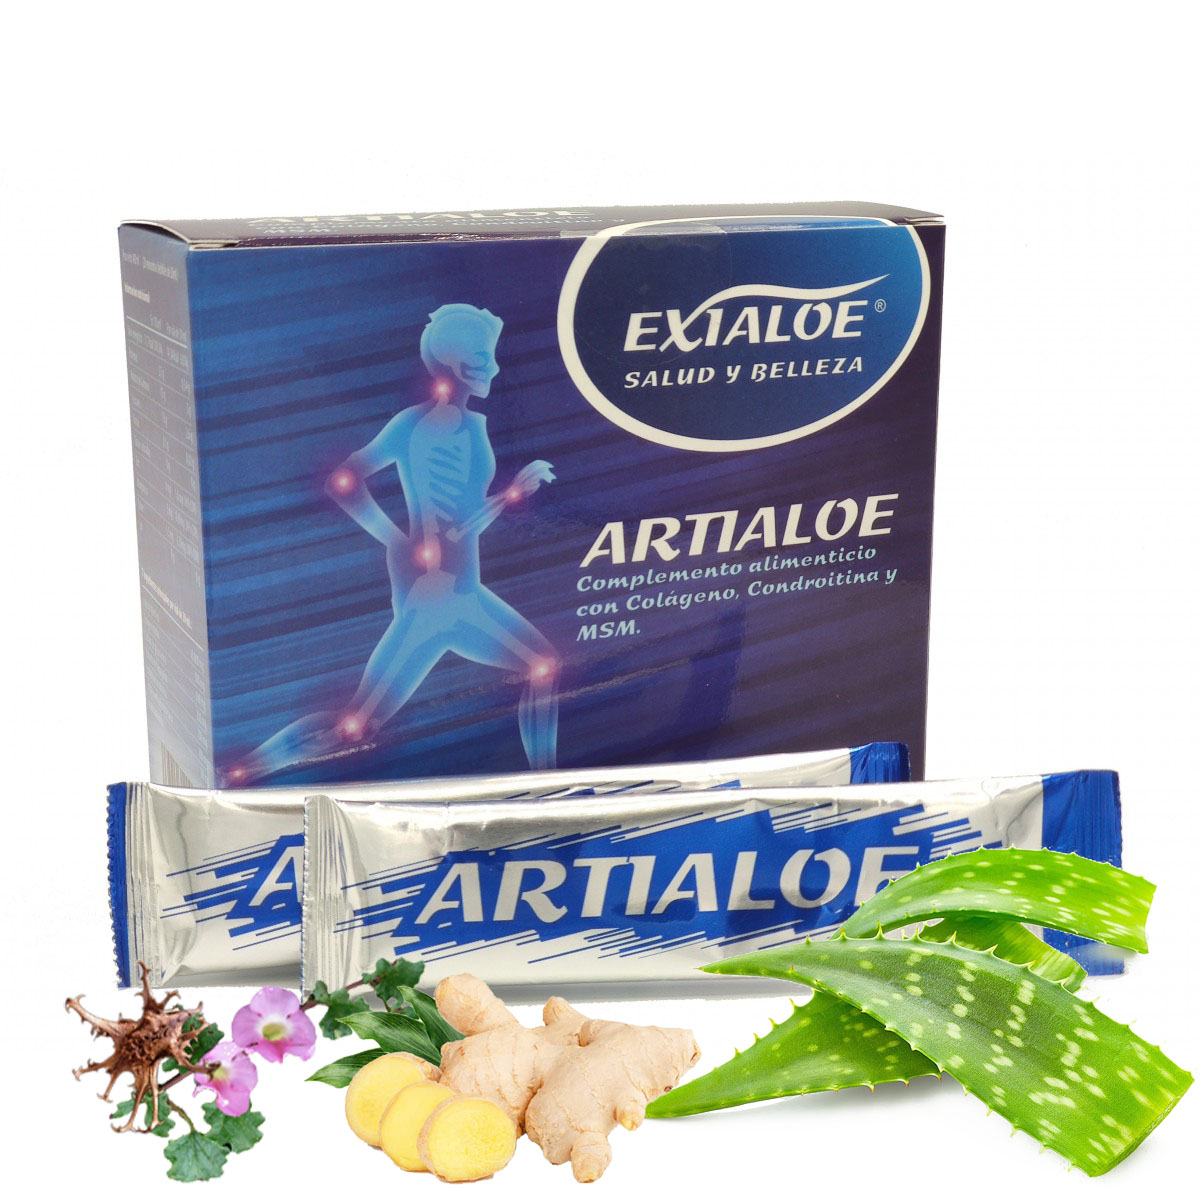 artialoe exialoe